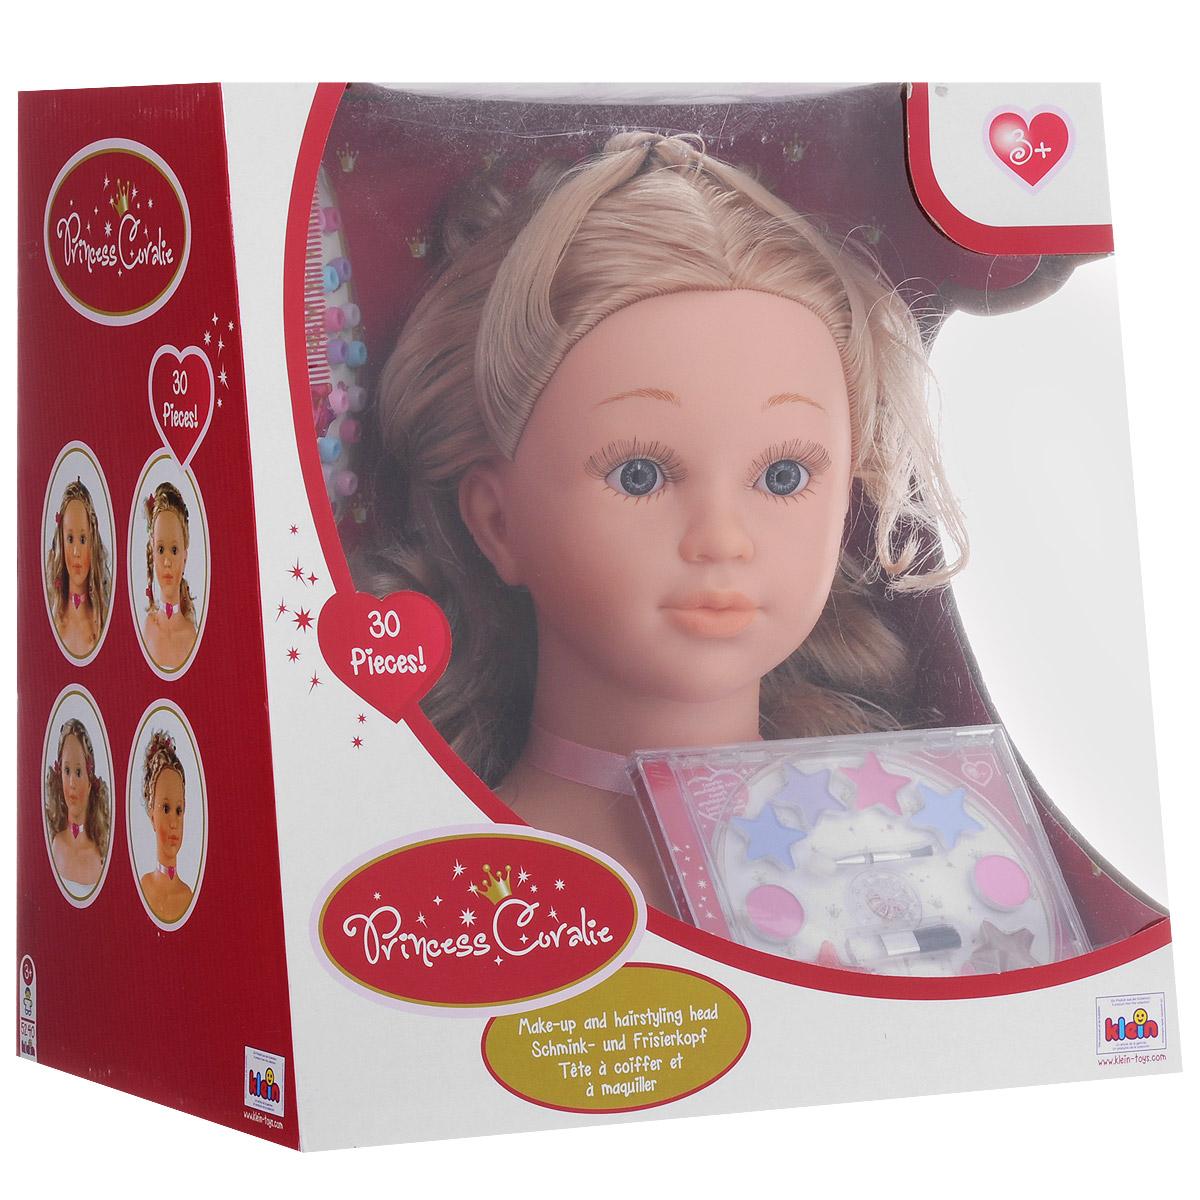 Игровой набор Klein Princess Coralie. Модель для макияжа и причесок, 30 предметов игровая кофеварка klein coralie